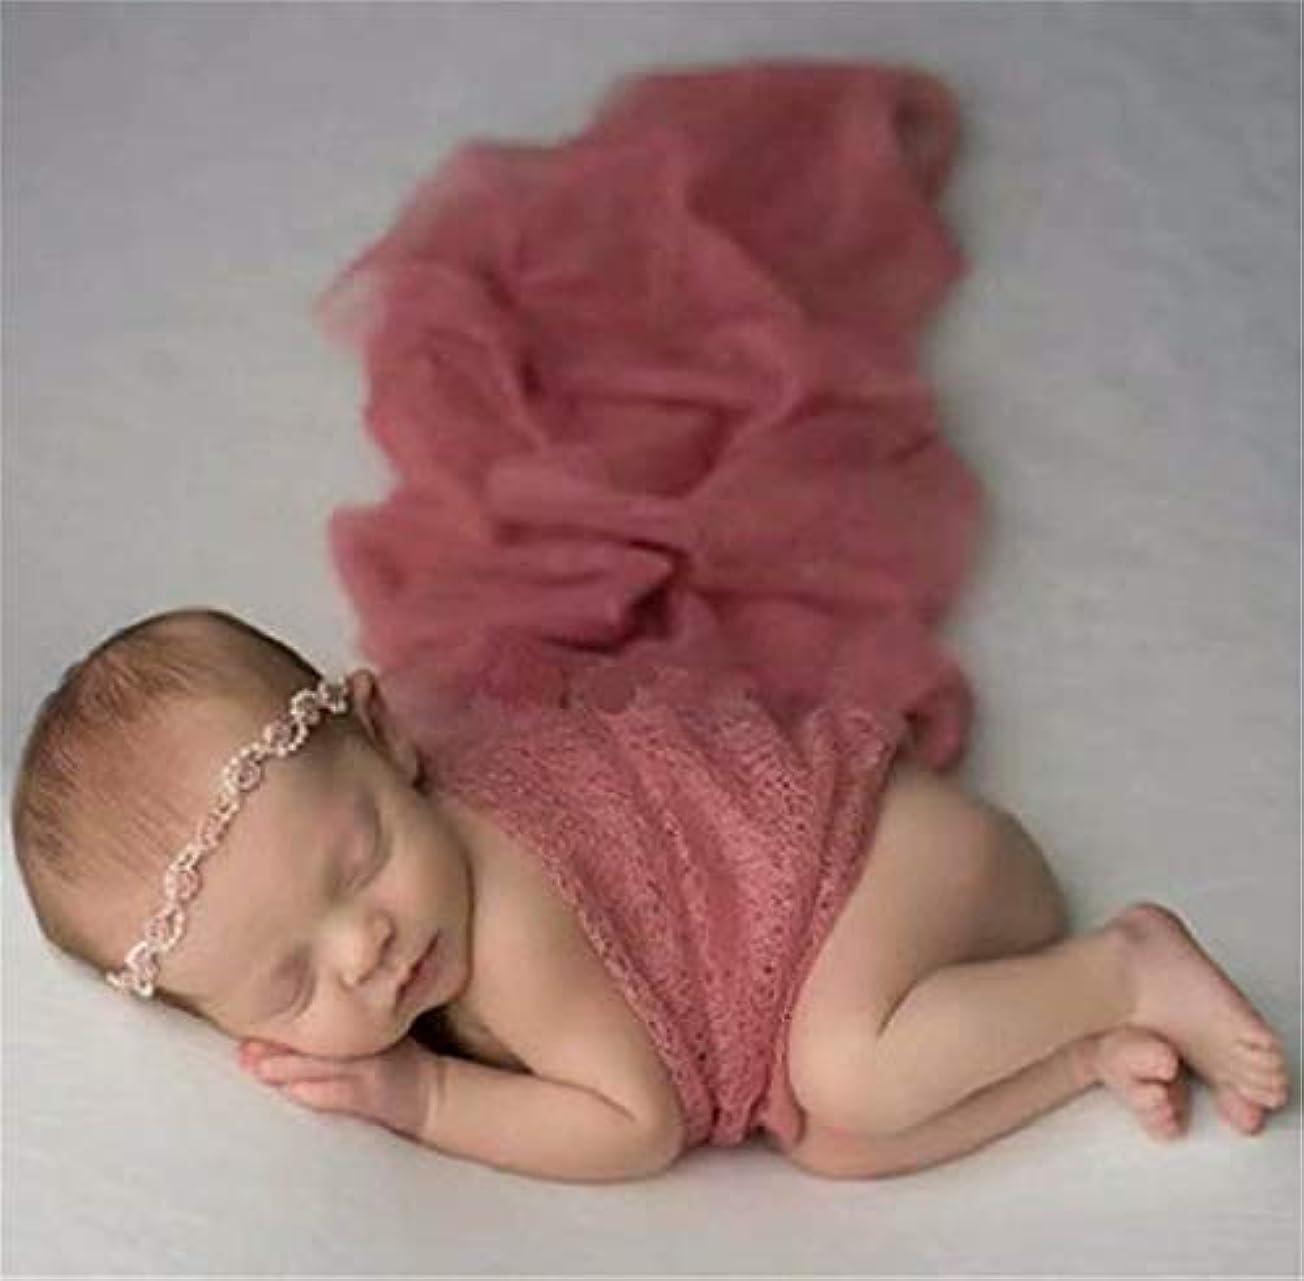 接触社会認証七里の香 生まれたばかりの赤ちゃんの写真の衣装 赤ちゃんの男の子の女の子の写真撮影のための新生児の写真の小道具毛布のたたきレースのラップ 赤ちゃん用